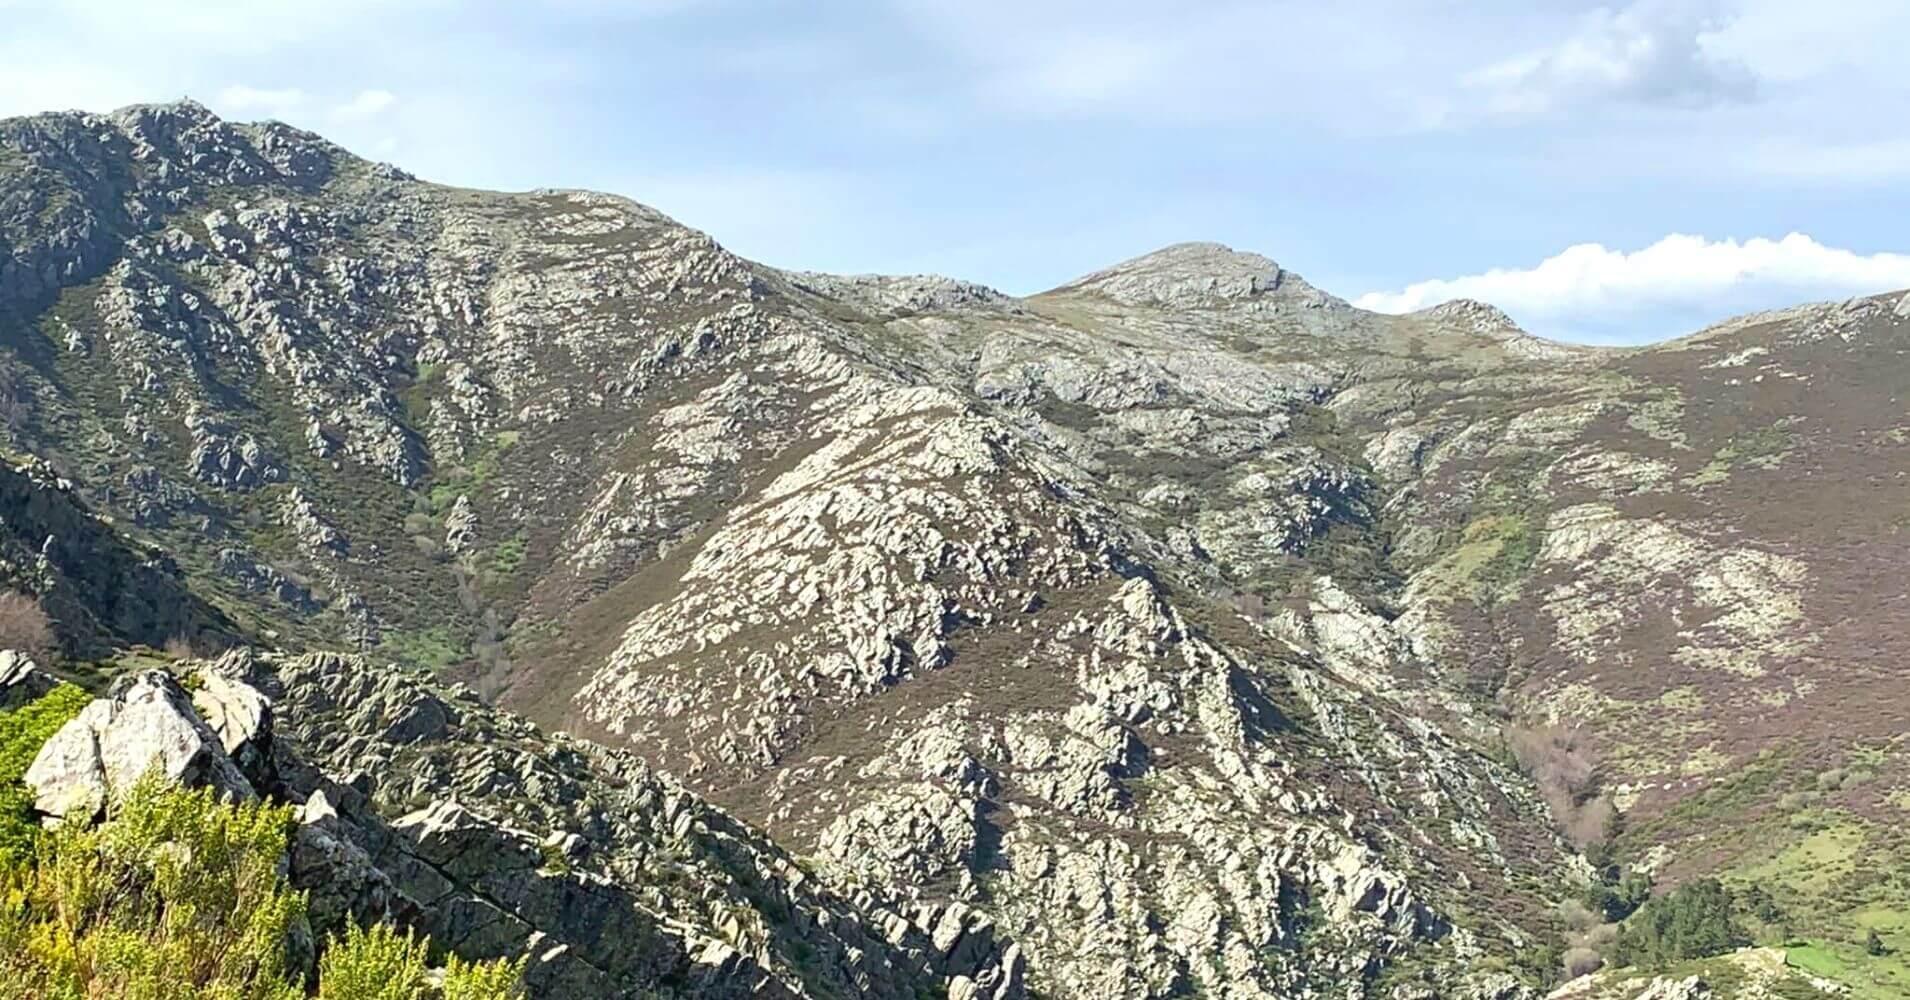 Montañas de la Sierra de Ayllón. Guadalajara, Castilla La Mancha.